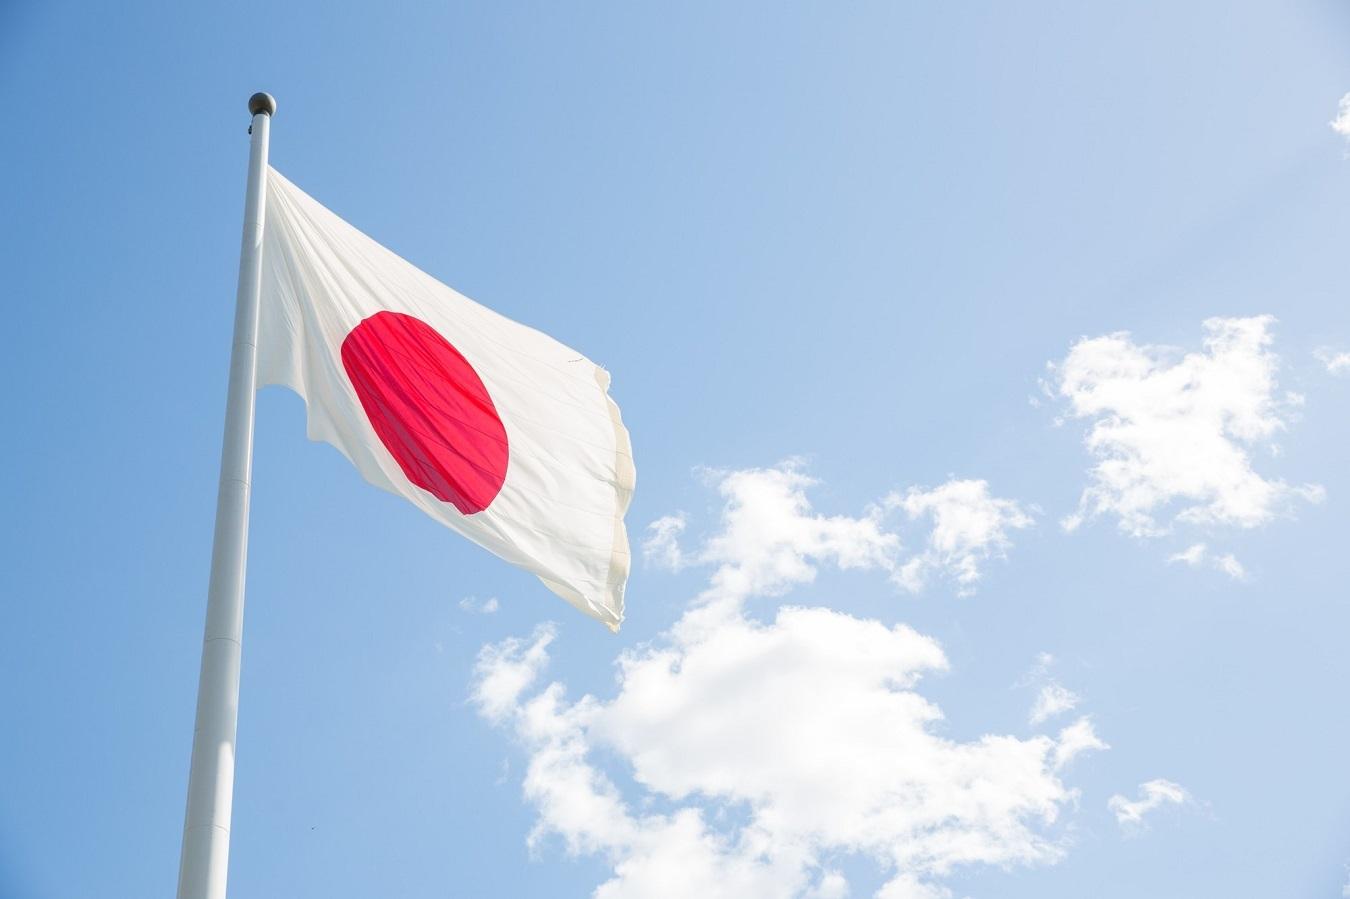 日本の自治体が掲げている幸福度指標